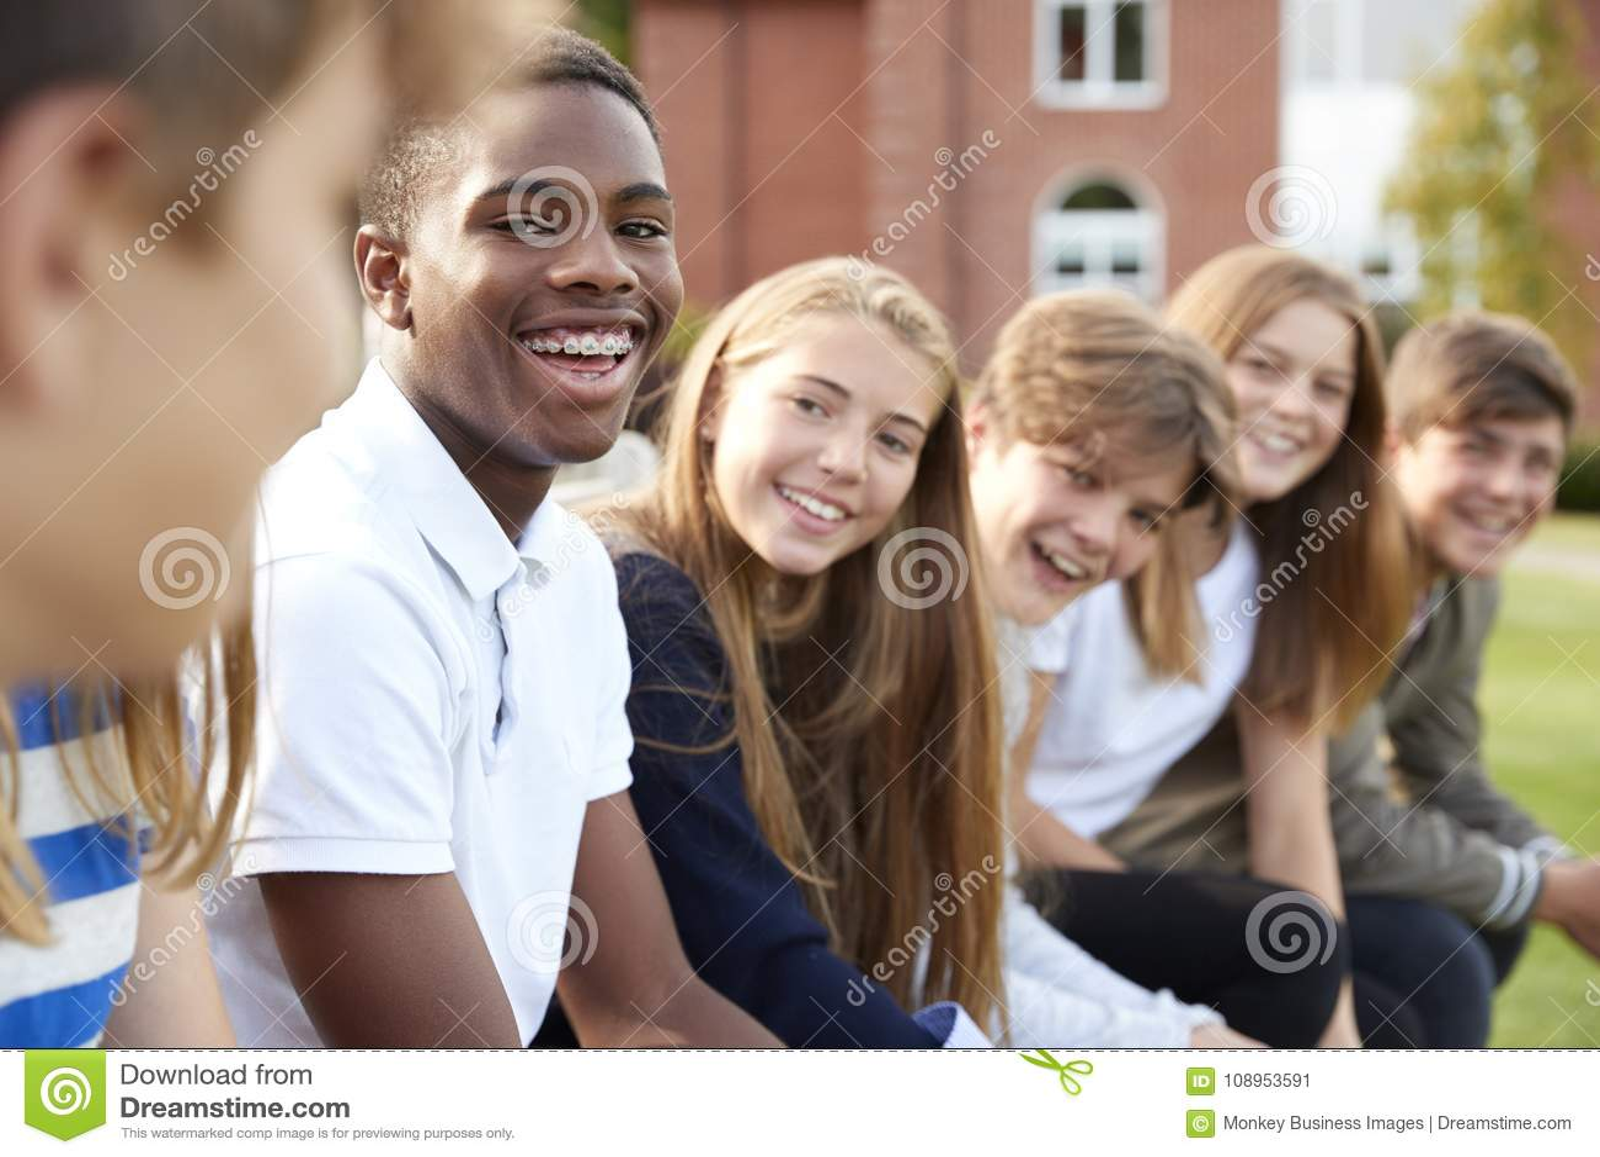 Ομάδα εφηβικών σπουδαστών που κάθονται έξω από τα σχολικά κτίρια